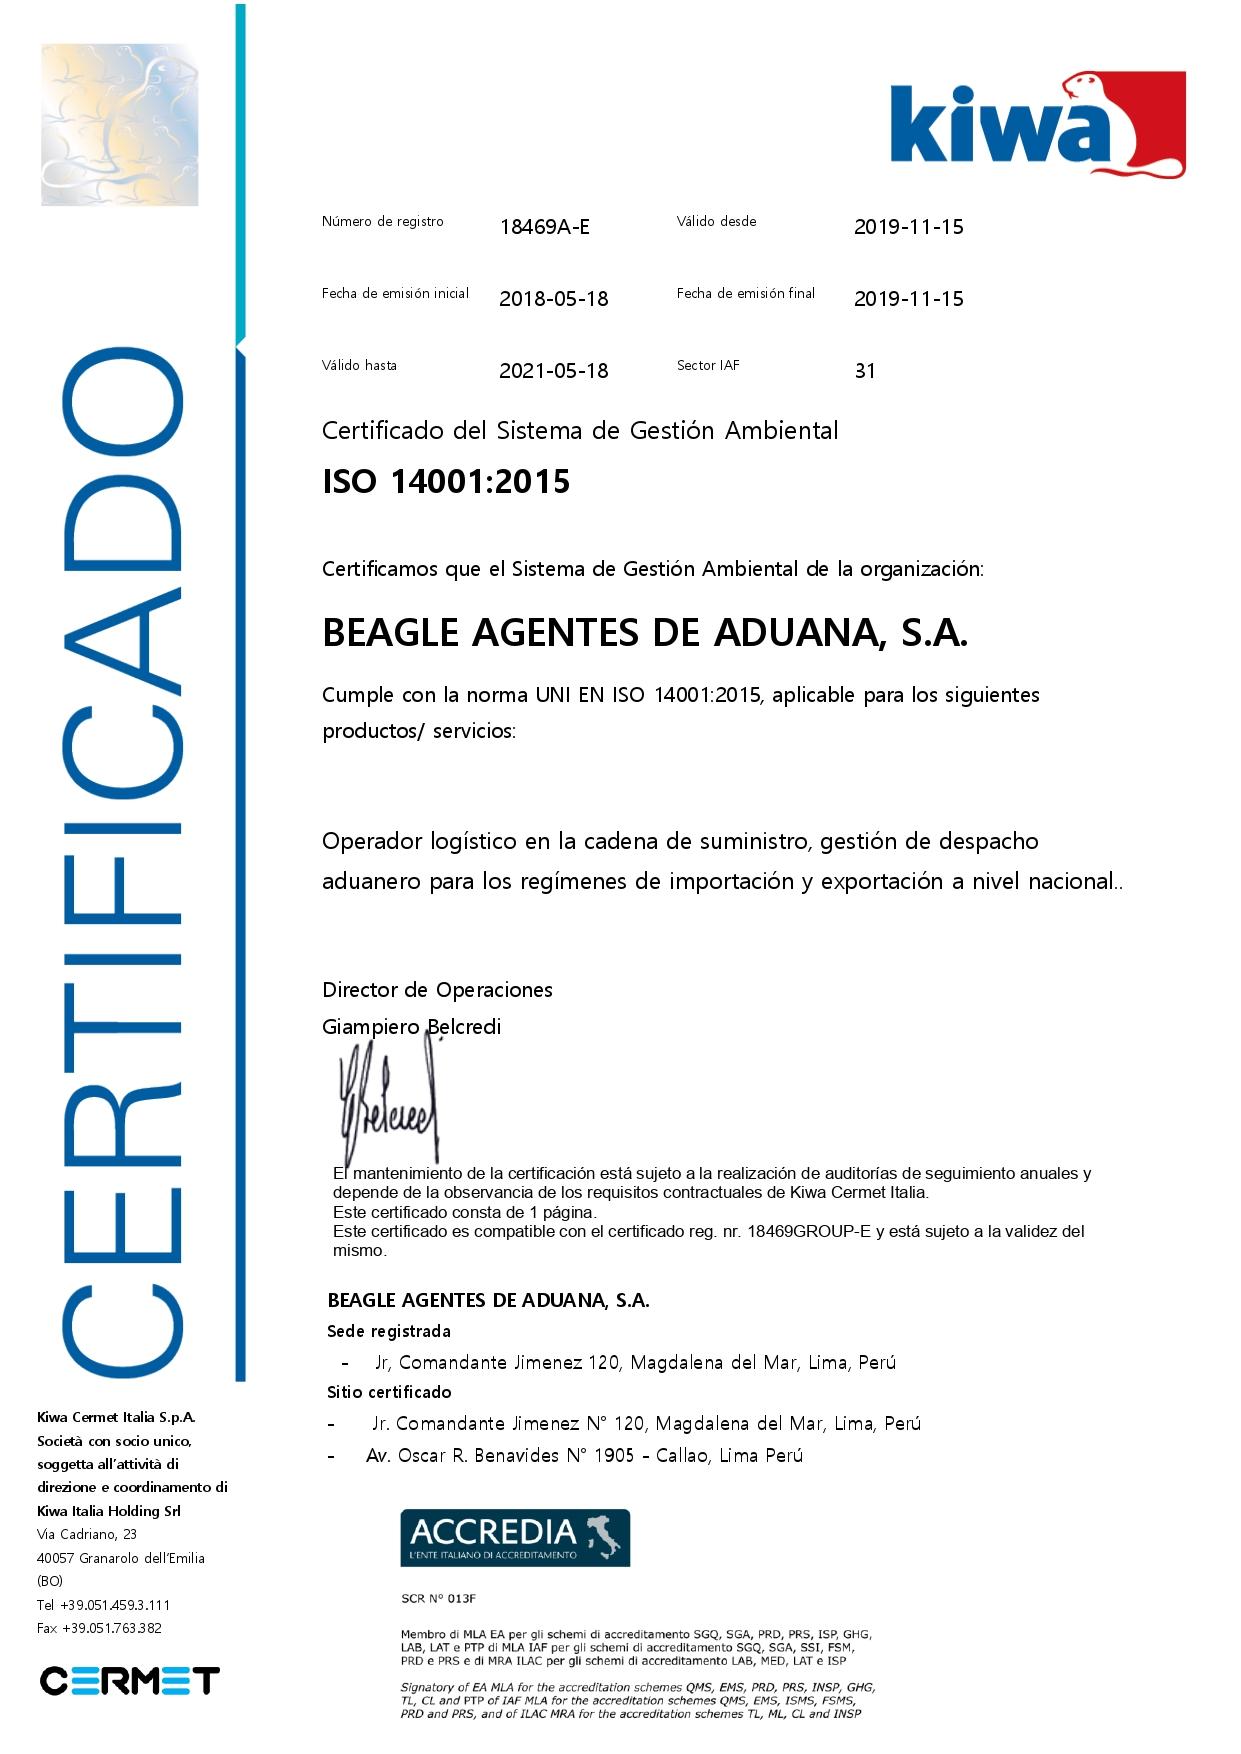 ISO 14001:2015 SISTEMA DE GESTIÓN AMBIENTAL